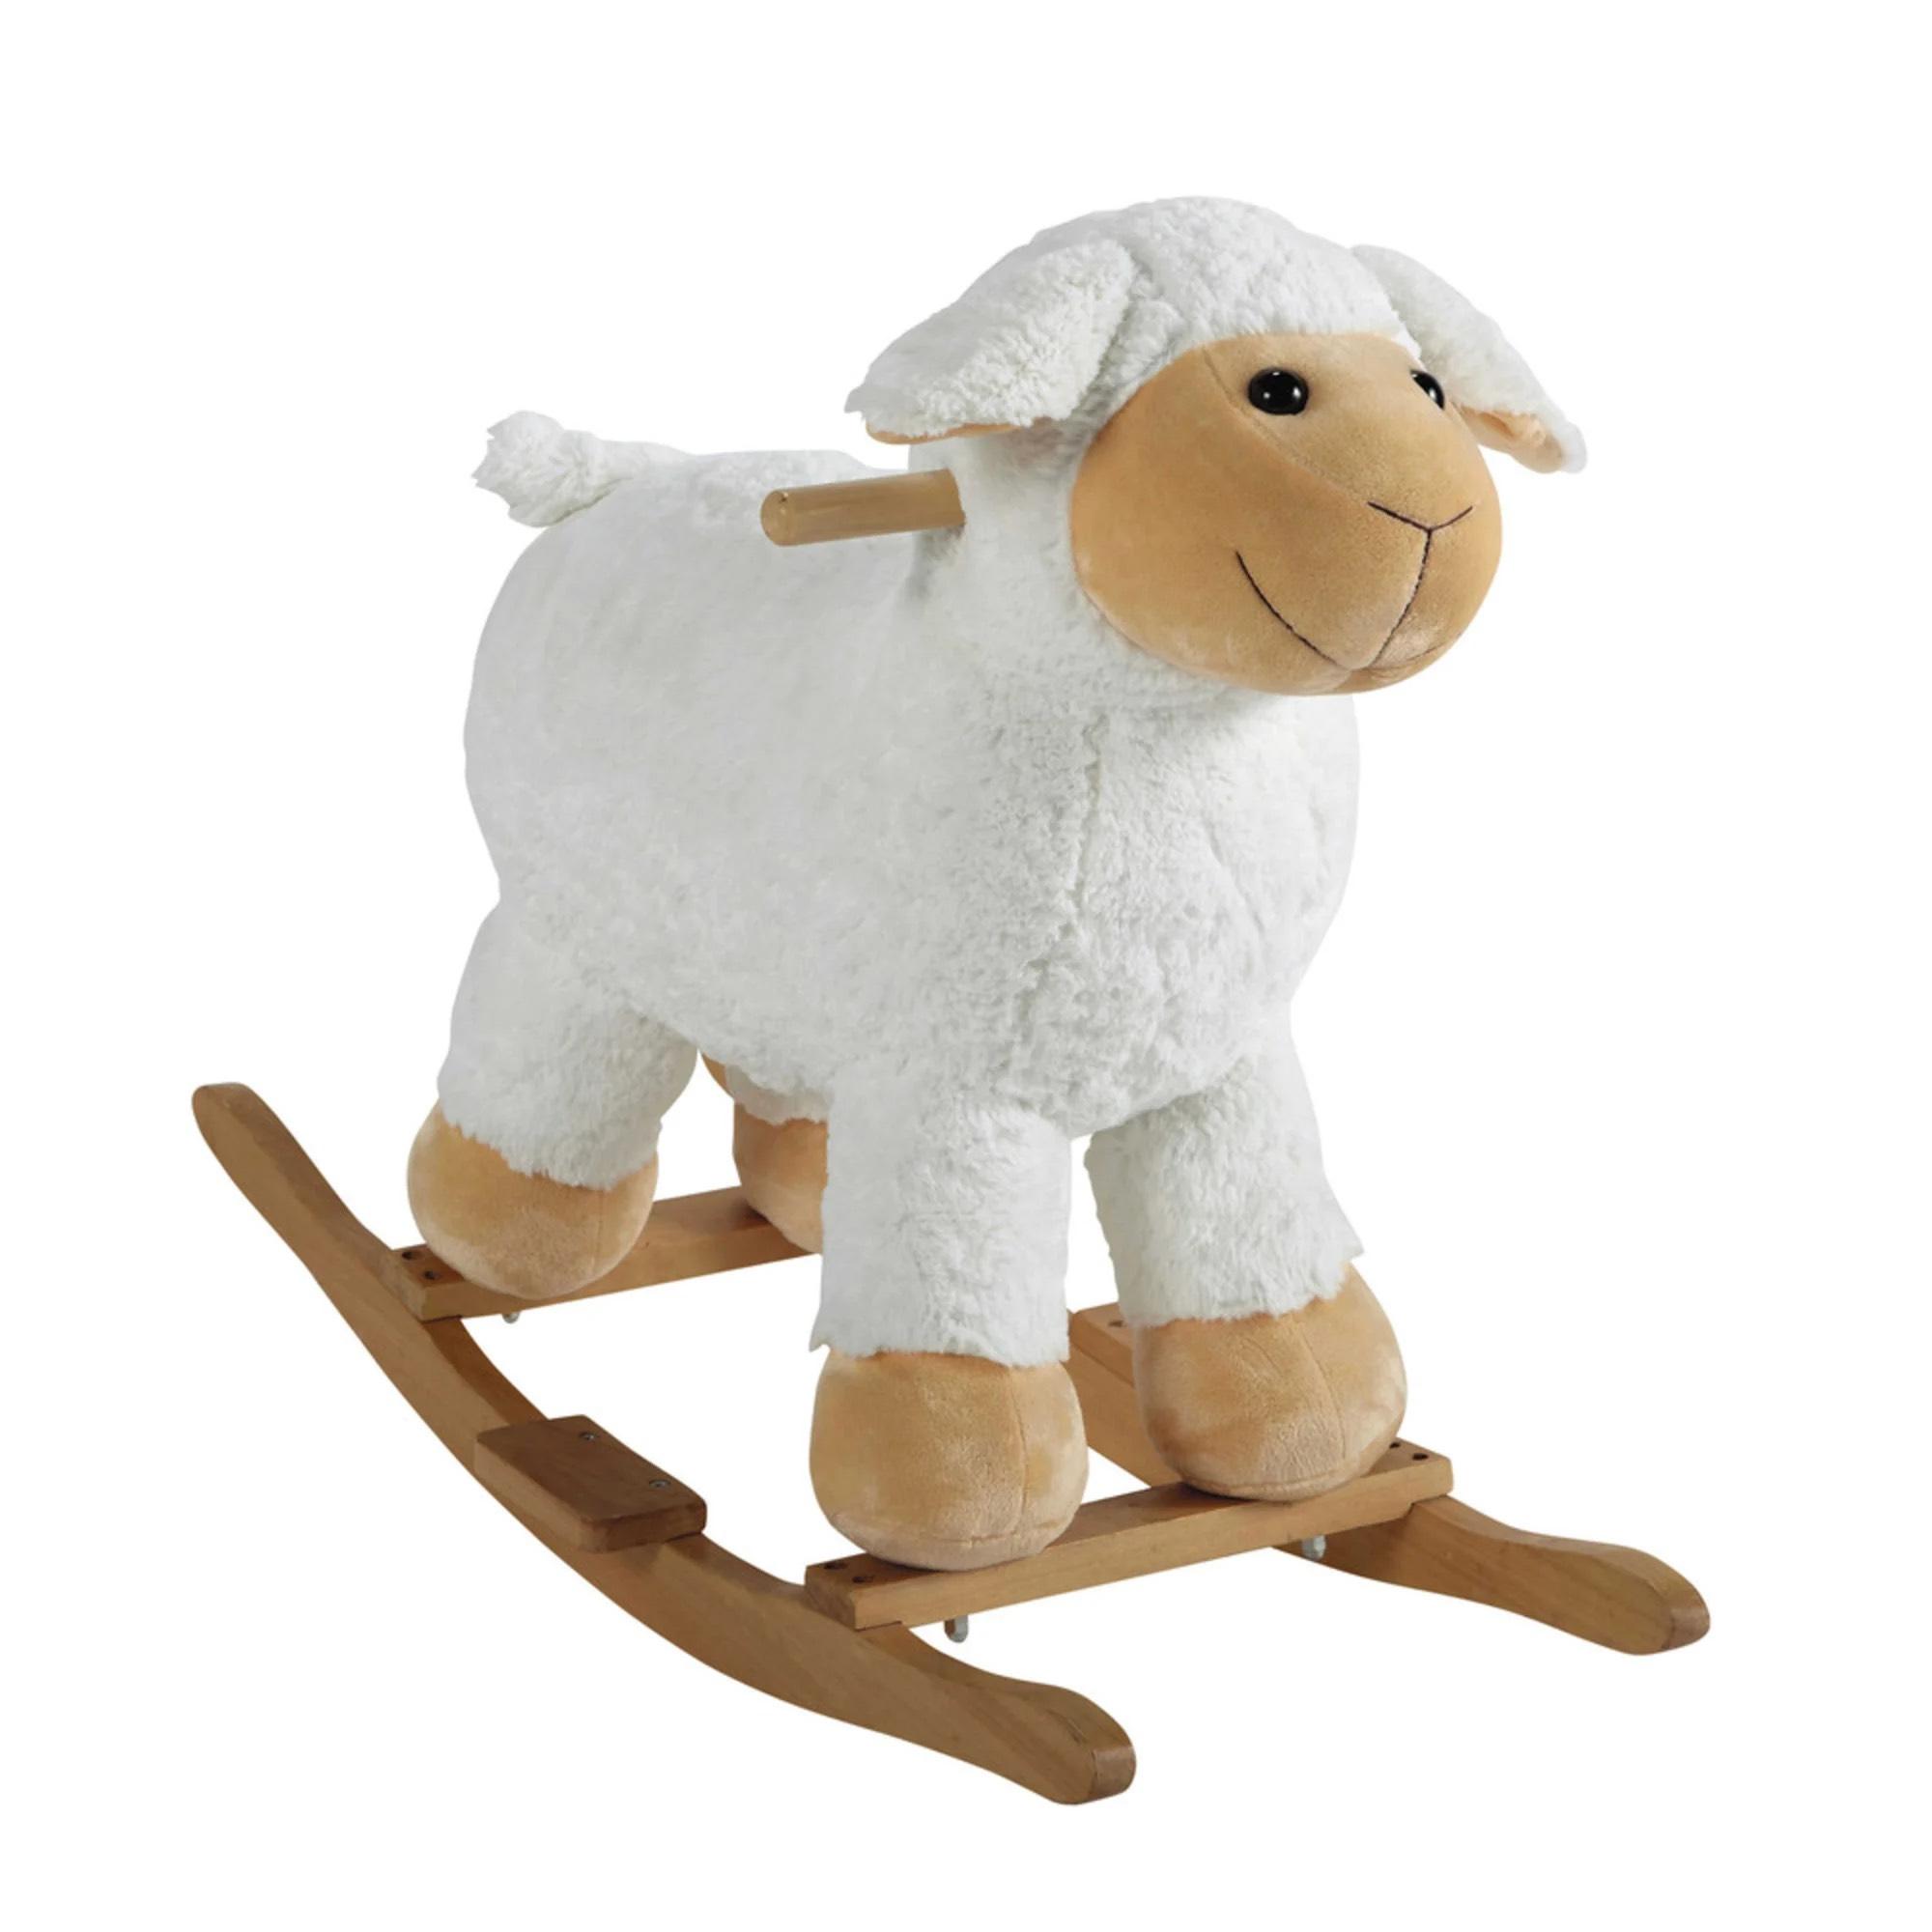 Sélection de jouets à bascule en promotion - Ex : Mouton à bascule en bois